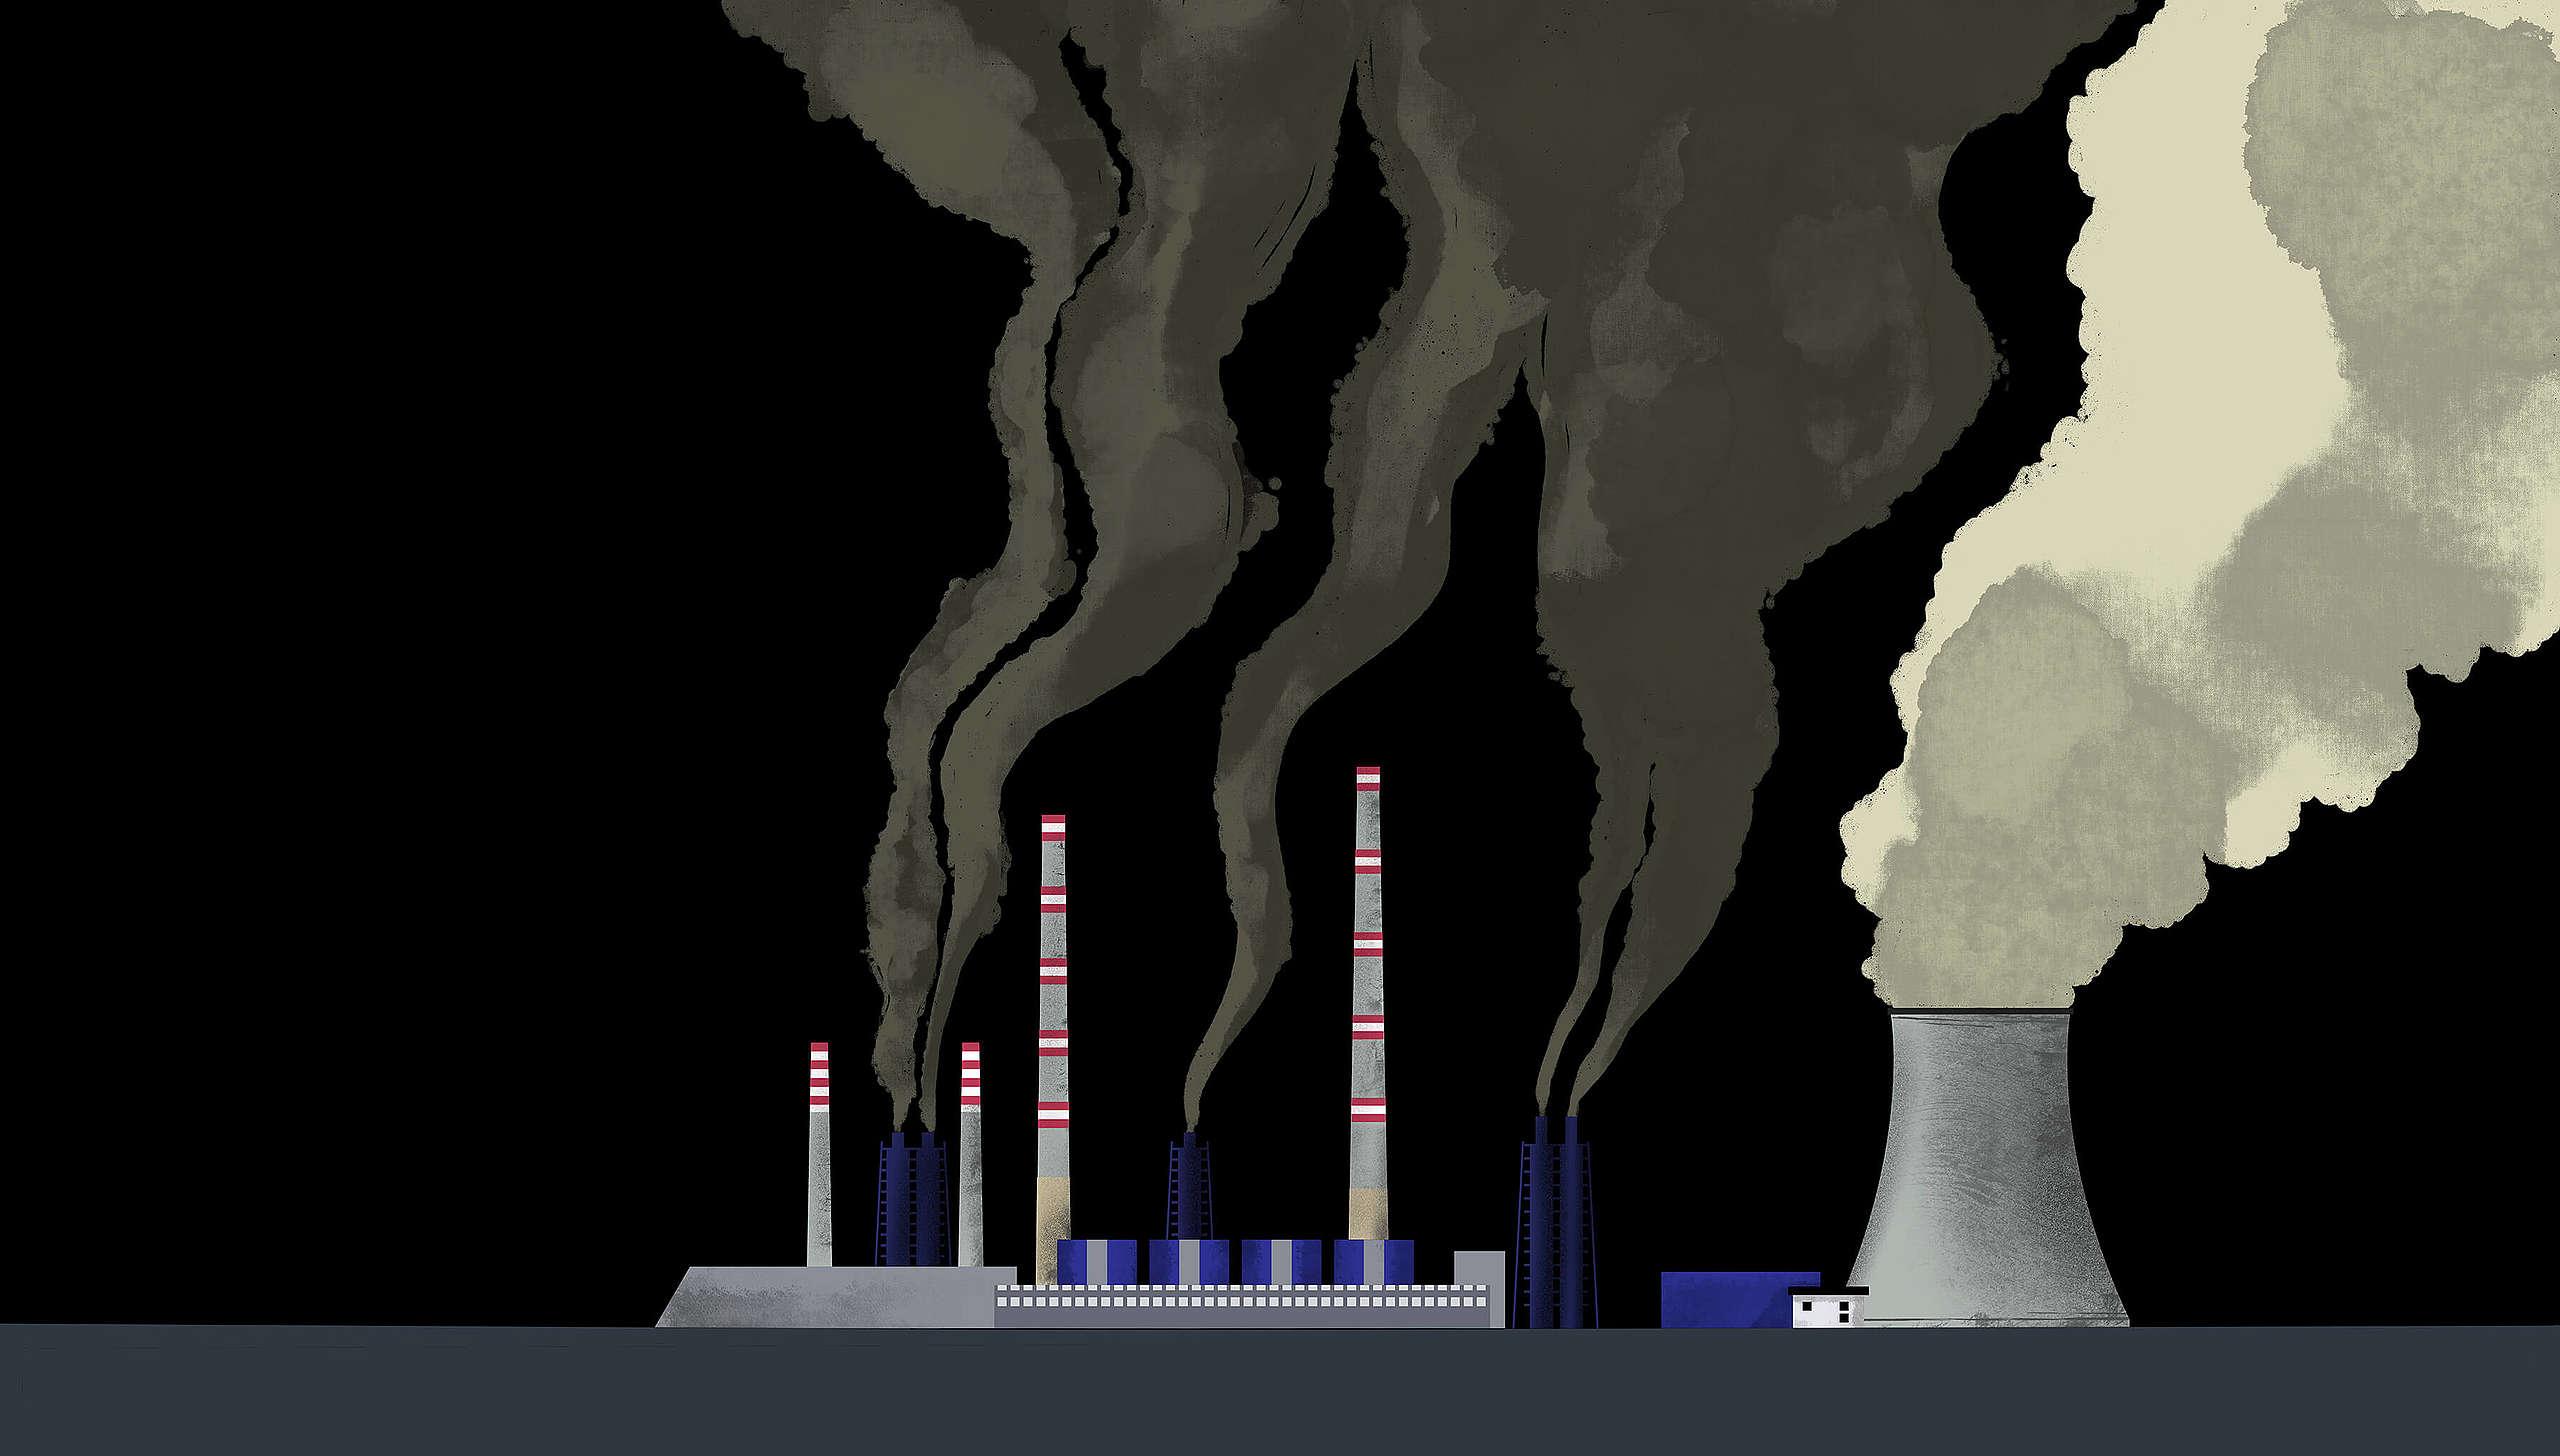 Марица Изток 2 – най-голямата въглищна електроцентрала на Балканите, илюстрация